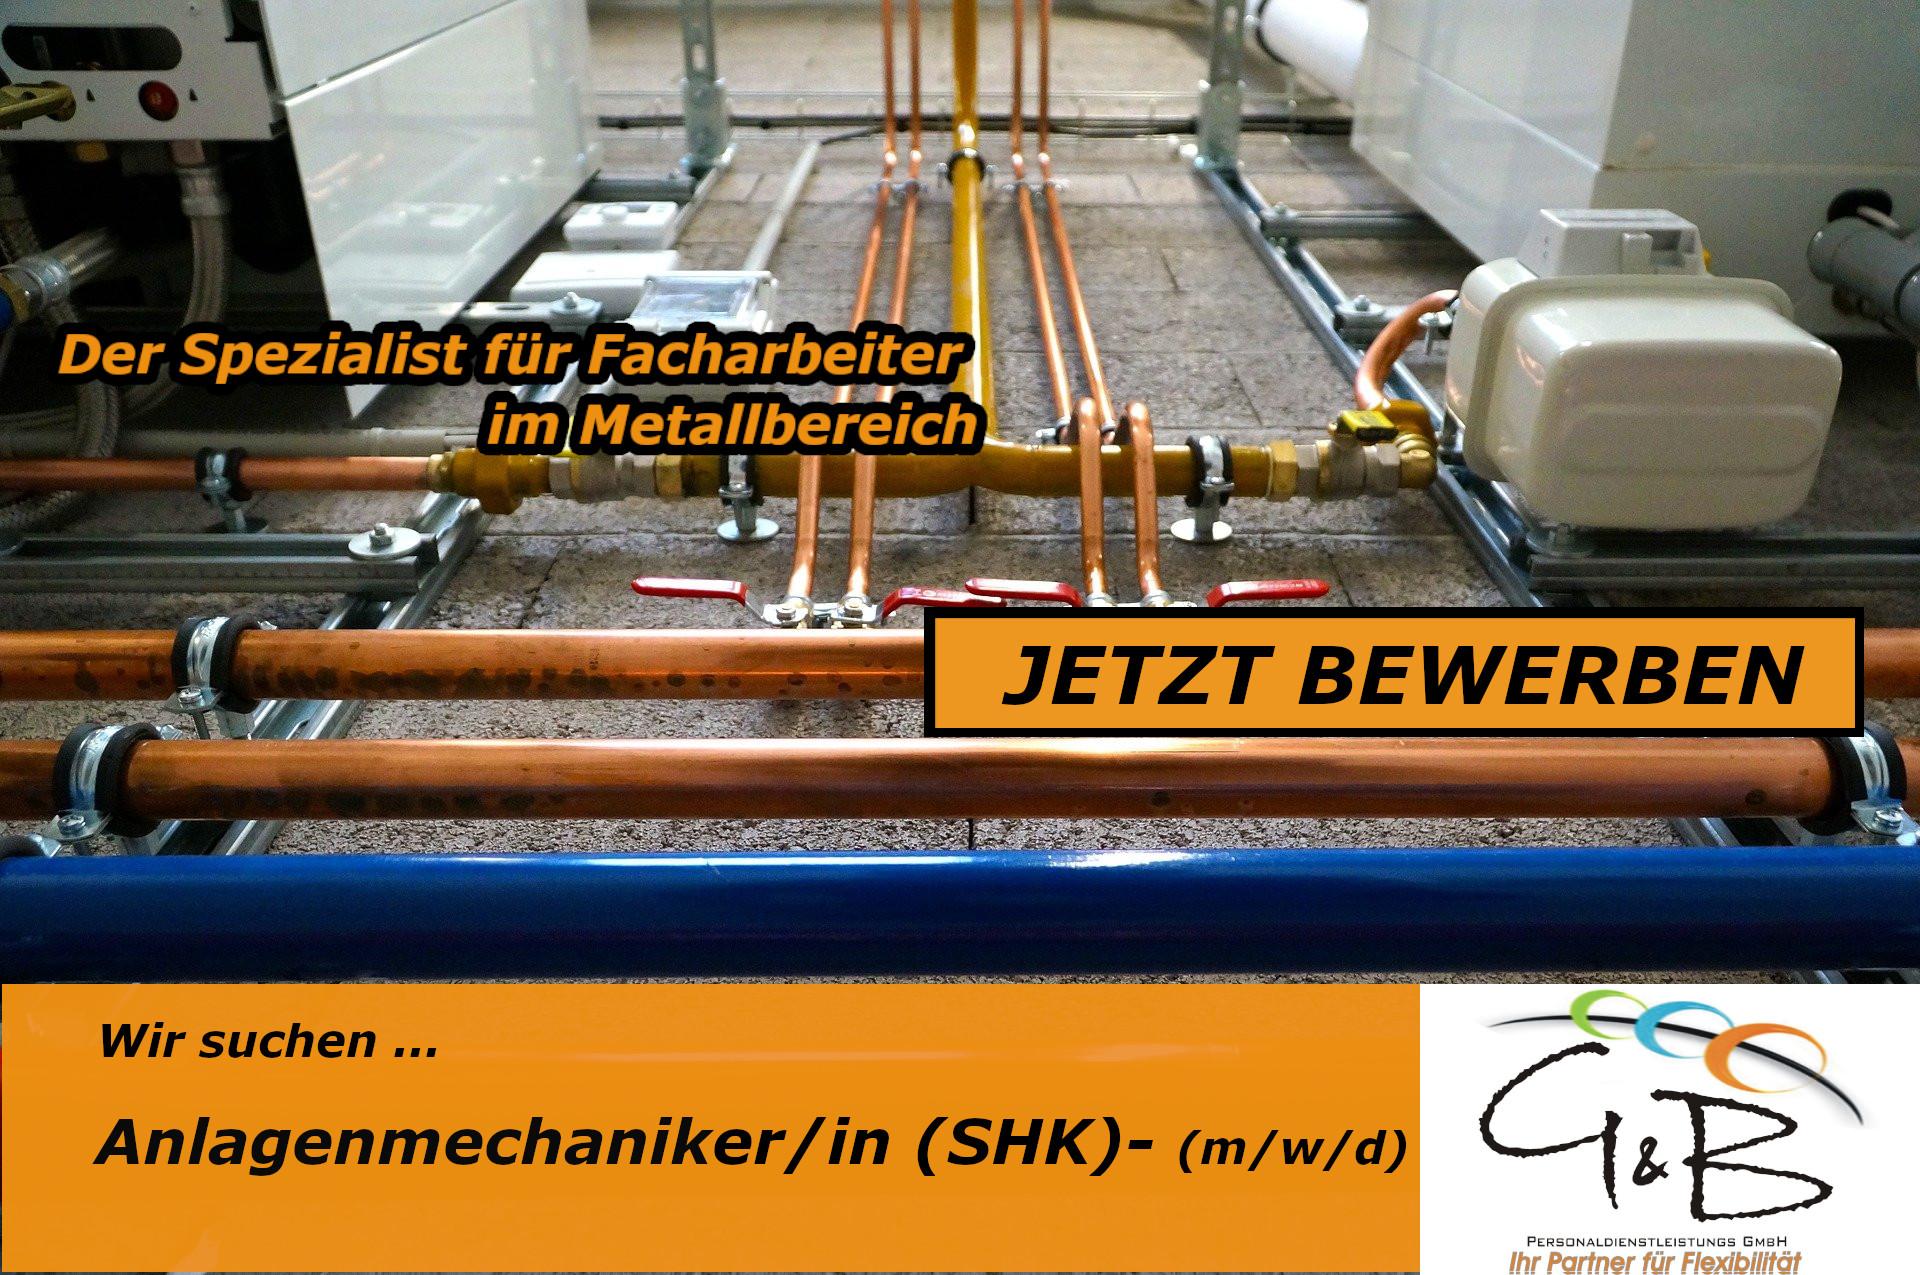 G&BAnlagenmechaniker_SHK2